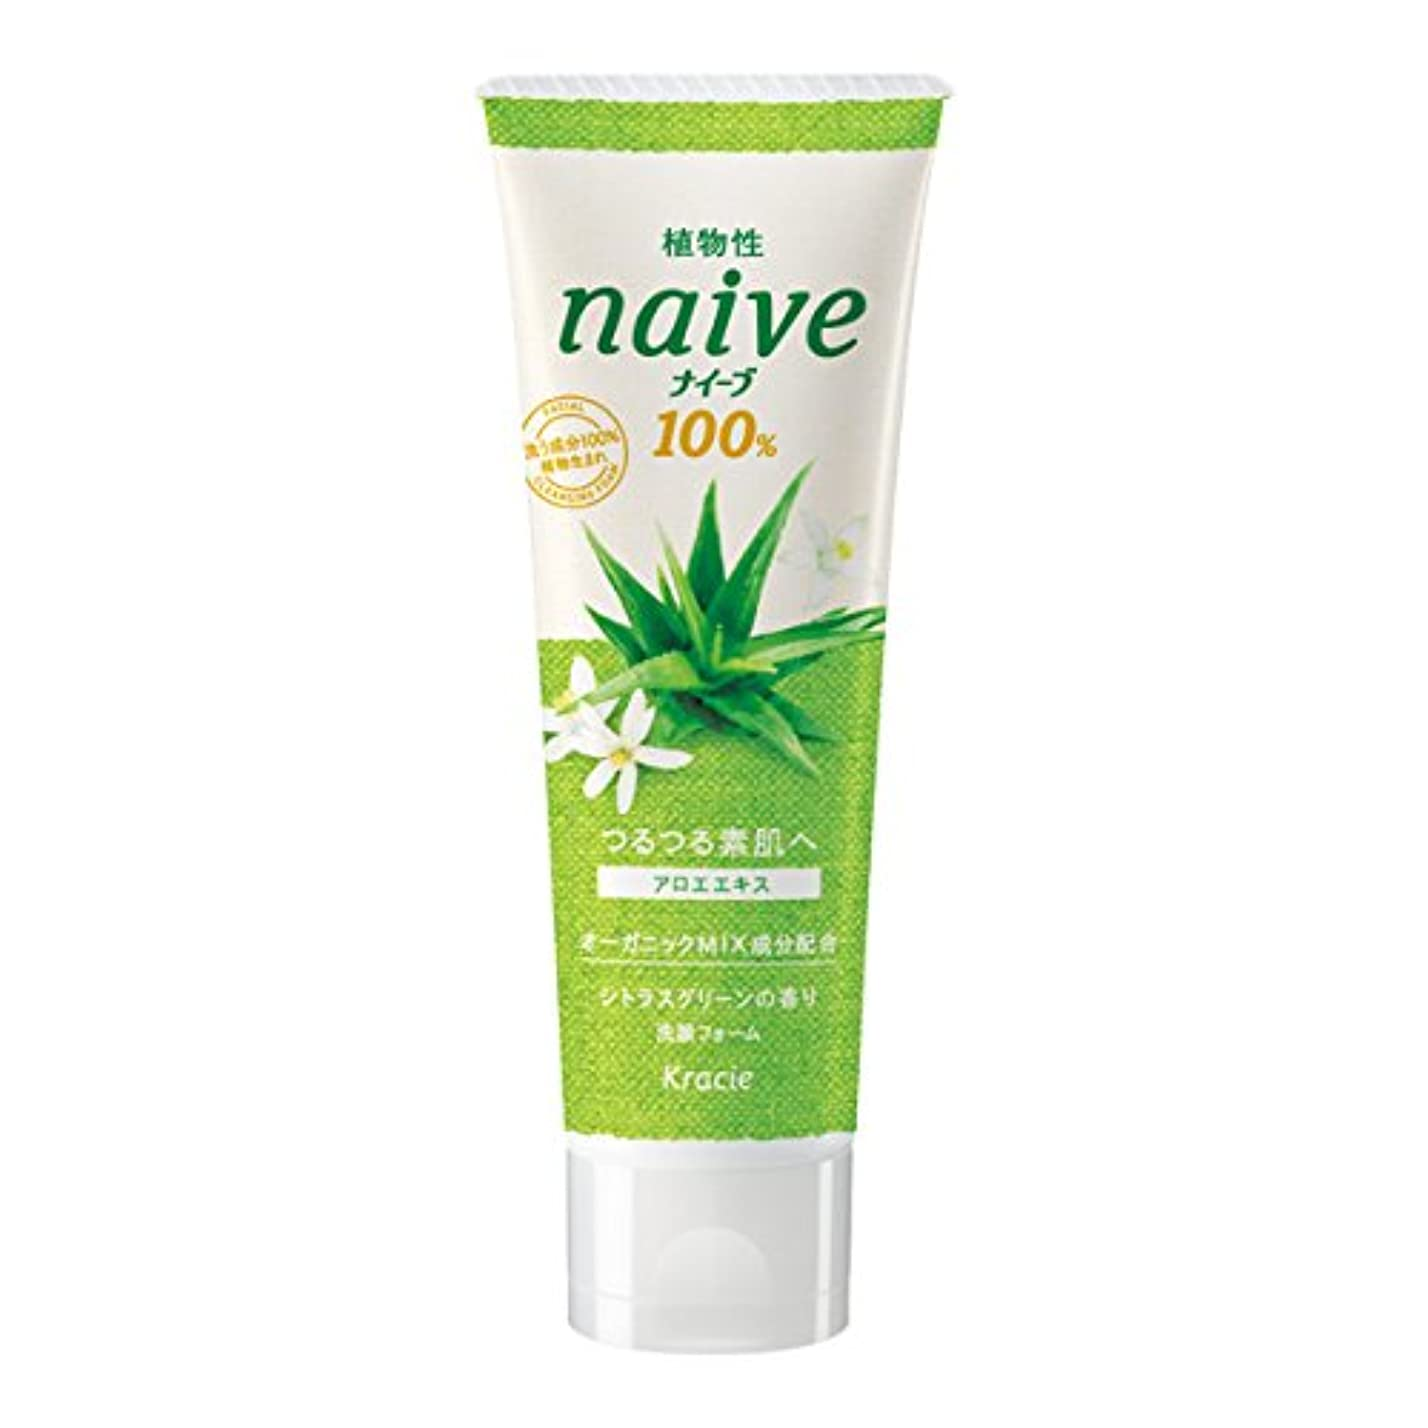 航空便石炭ボルトナイーブ 洗顔フォーム アロエエキス配合 シトラスグリーンの香り 110g